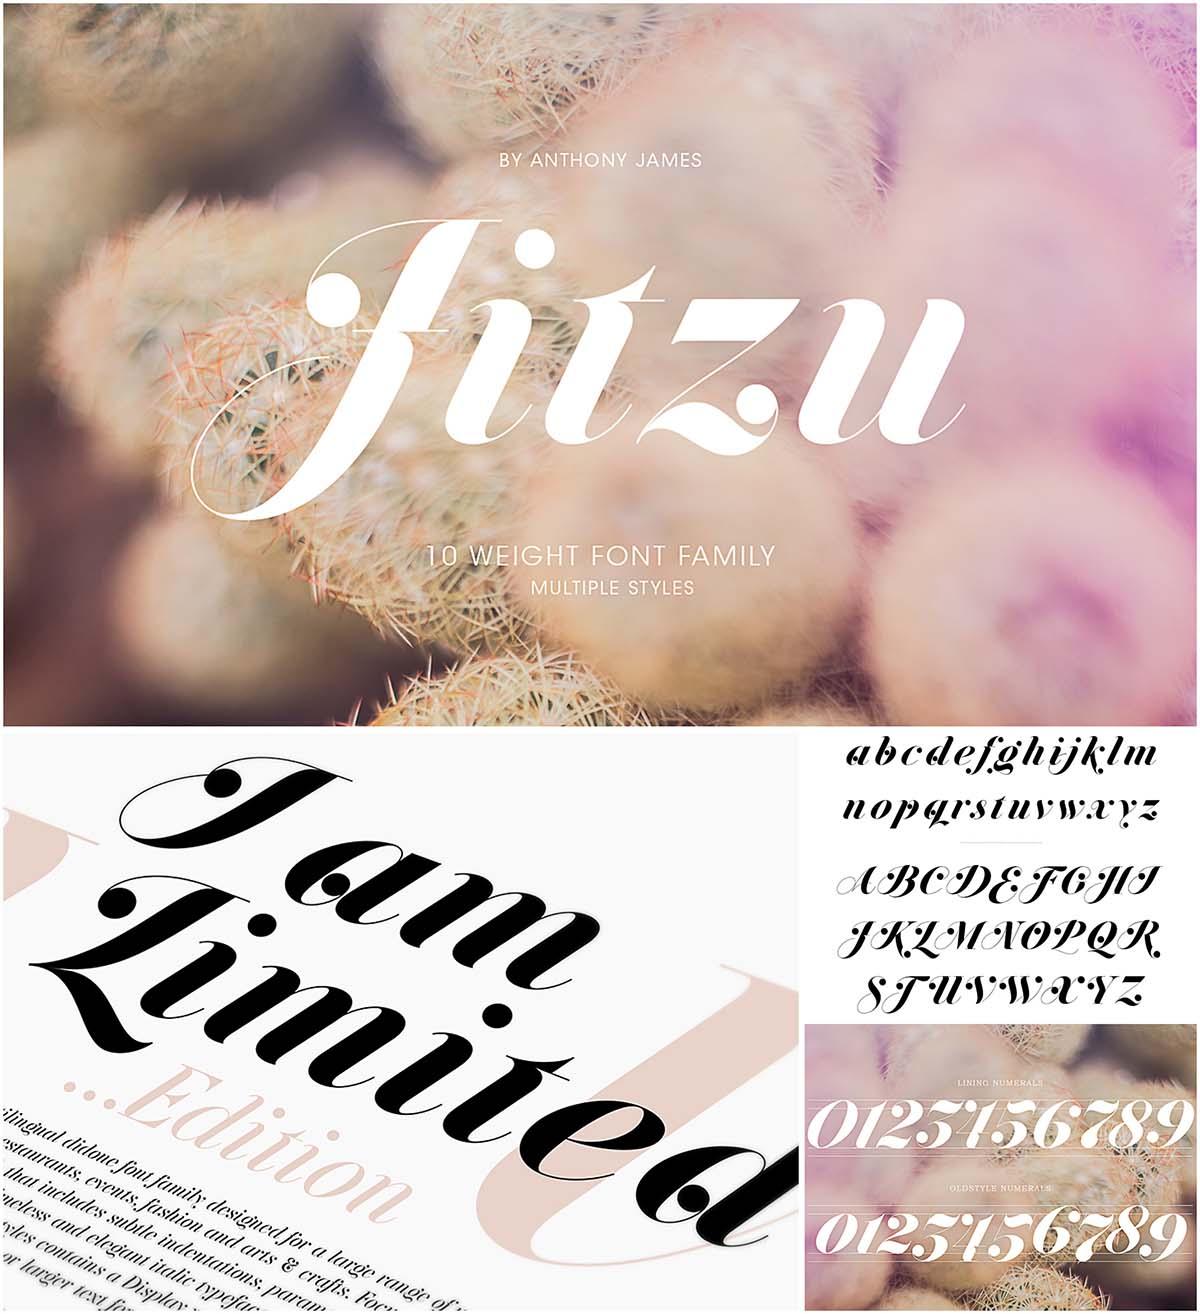 Jitsu decorative font